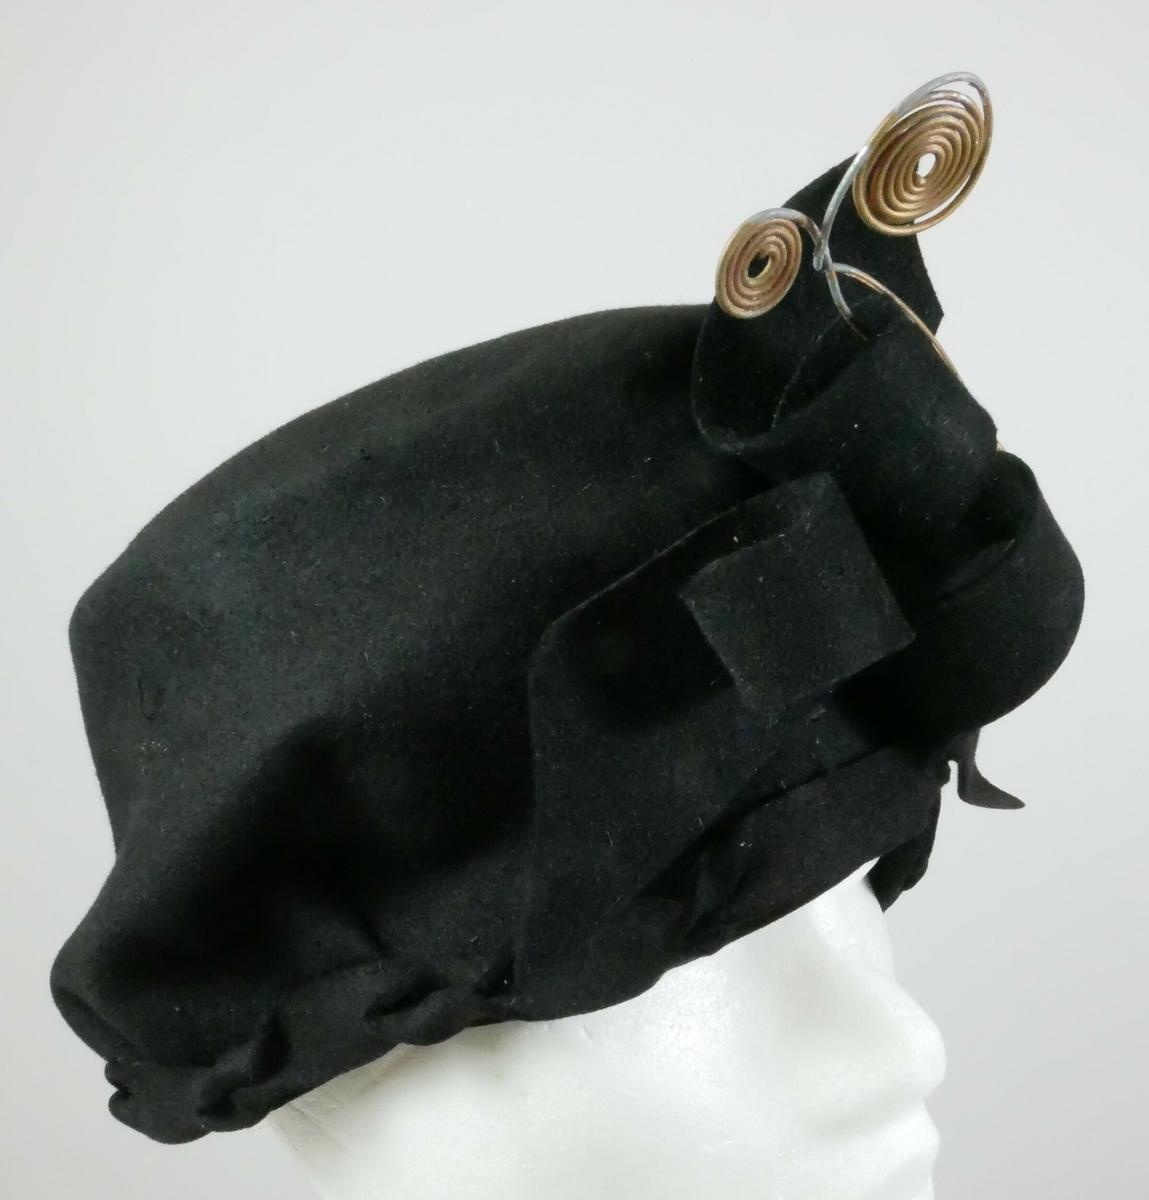 Svart hatt med dekorelementer foran i svart tekstil og metall.